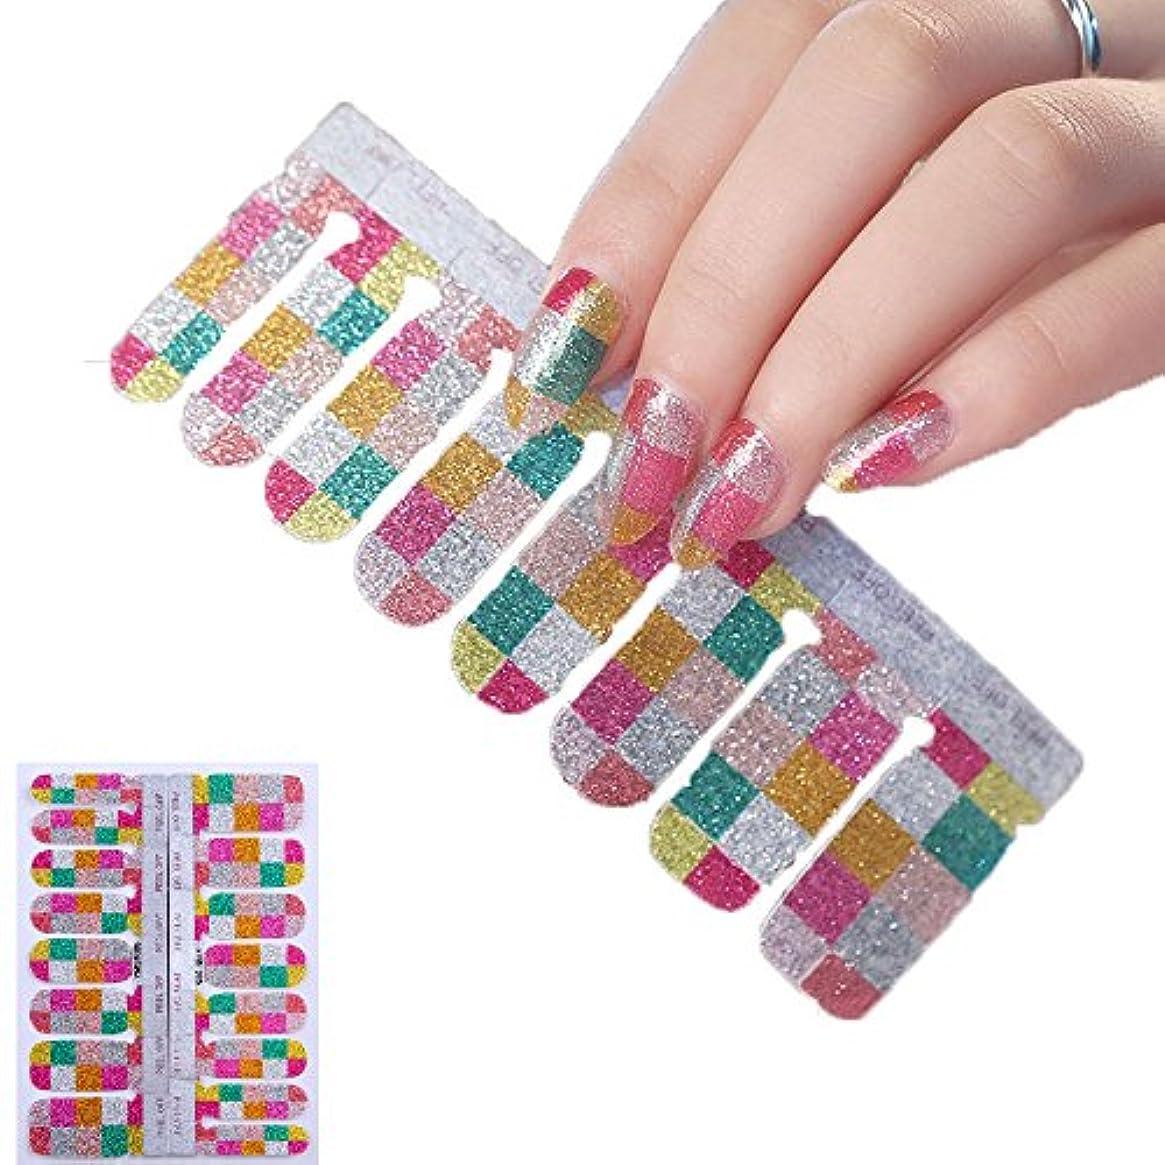 16ピース ネイルシール 貼るだけマニキュア ネイルアート ネイルラップ ネイルアクセサリー女性 爪やすり1本付き レディースプレゼント ギフト 可愛い 人気 おしゃれな上級ネイルシール (YMS1005)